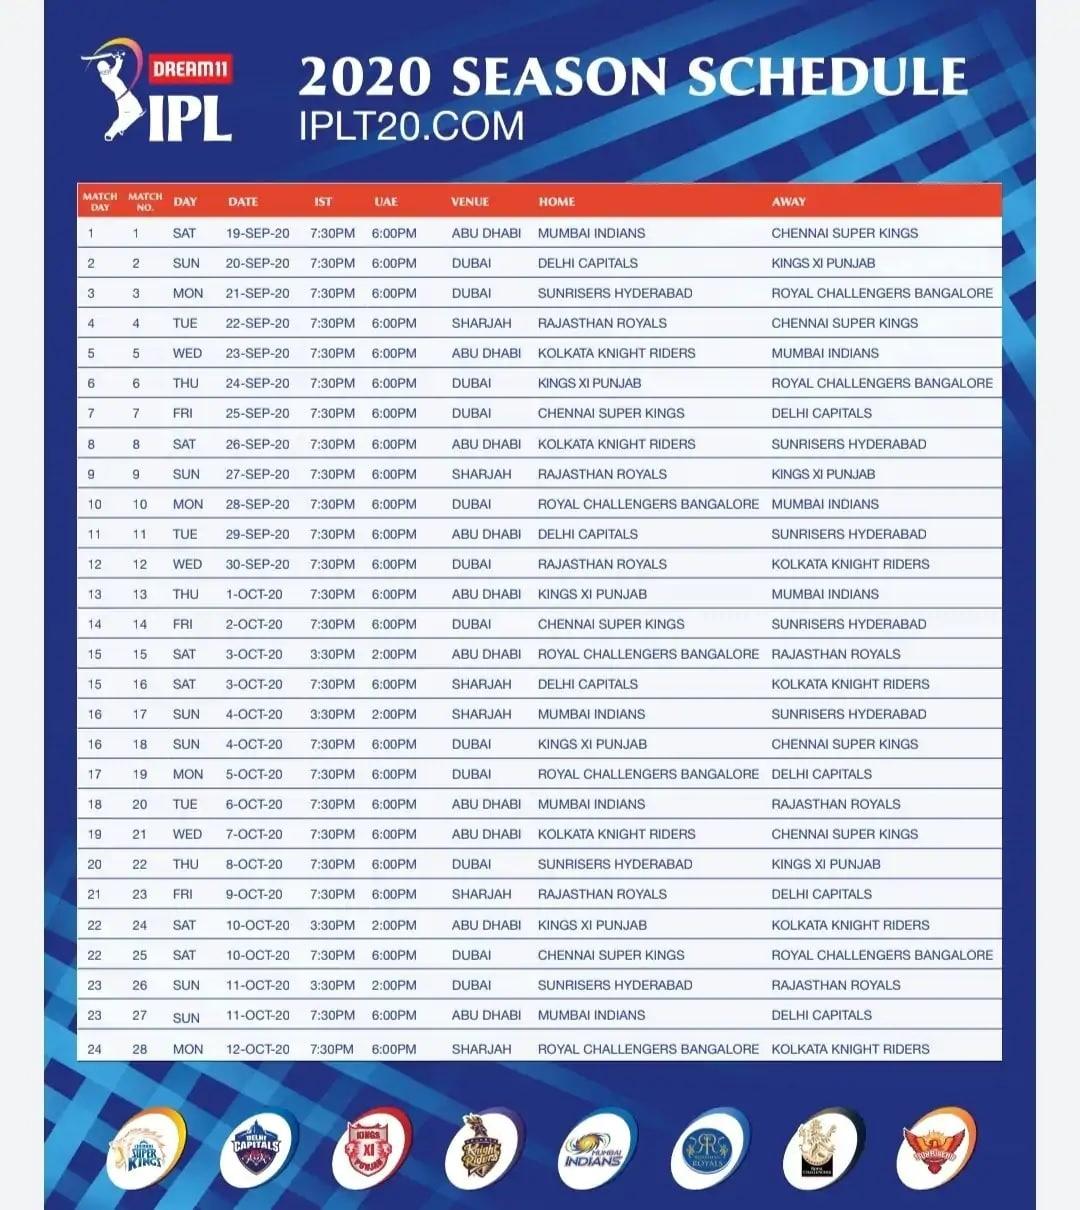 انڈین پریمیر لیگ (IPL 2020) کی گورننگ کونسل نے اتوار کو ٹورنا منٹ شروع ہونے سے 13 دن قبل پروگرام کا اعلان کیا۔